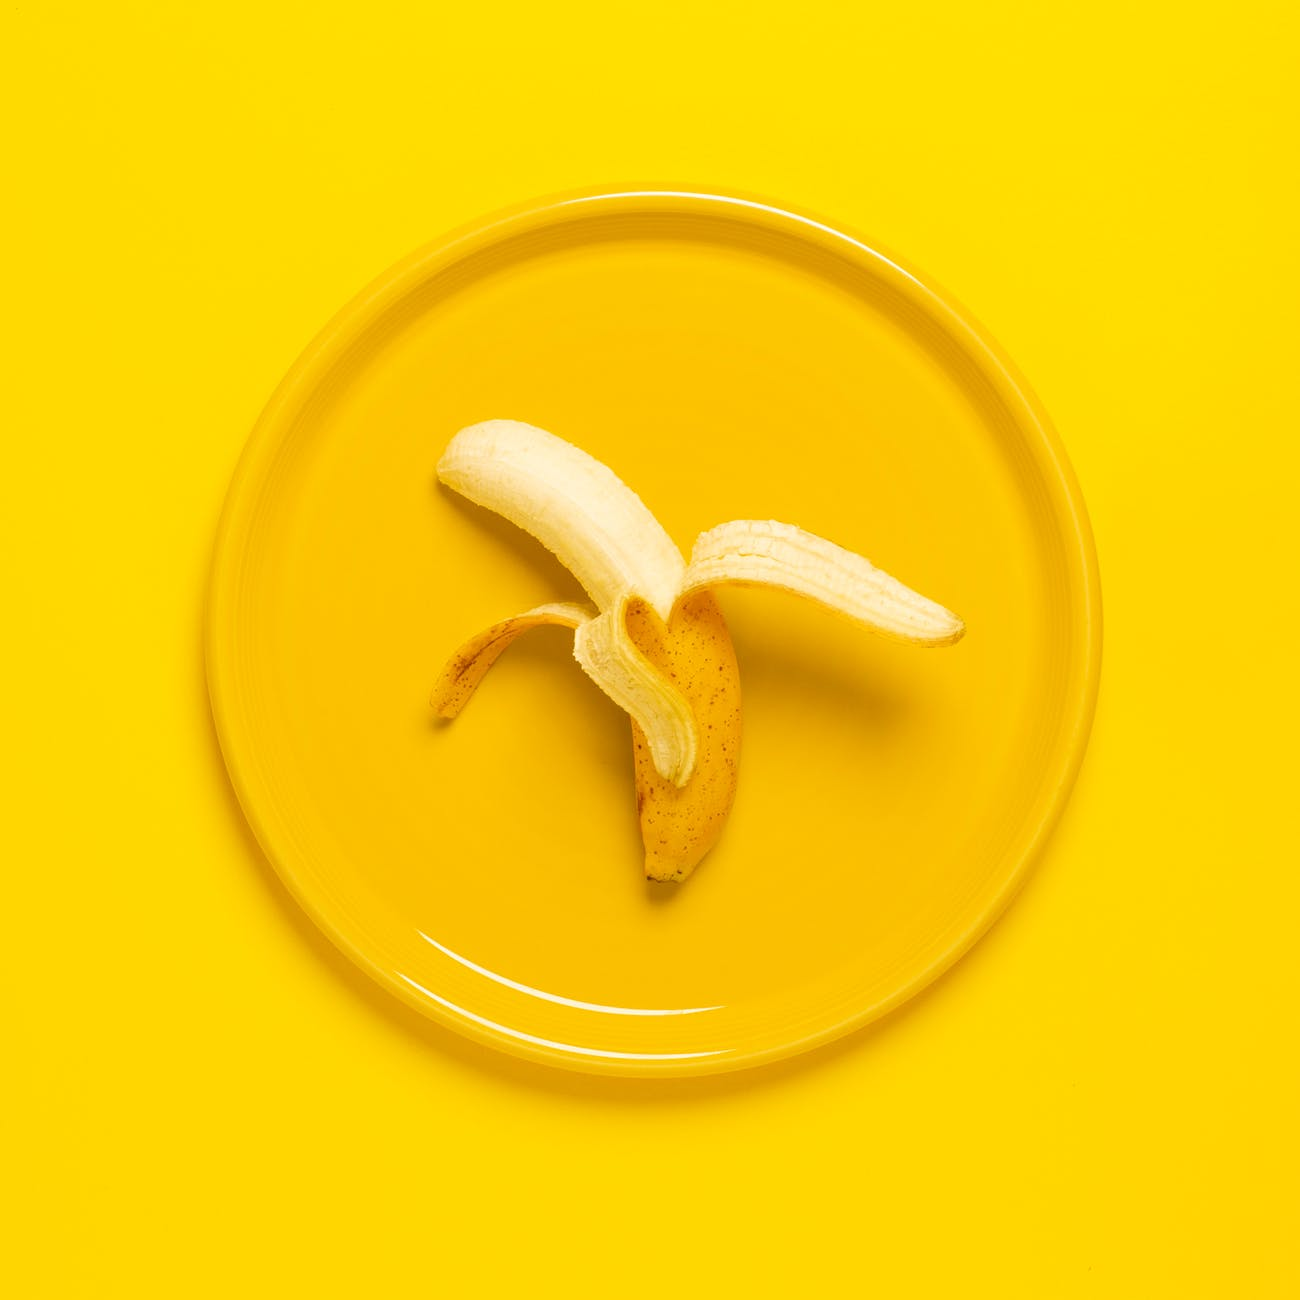 Cách giải rượu-Trái chuối màu vàng.